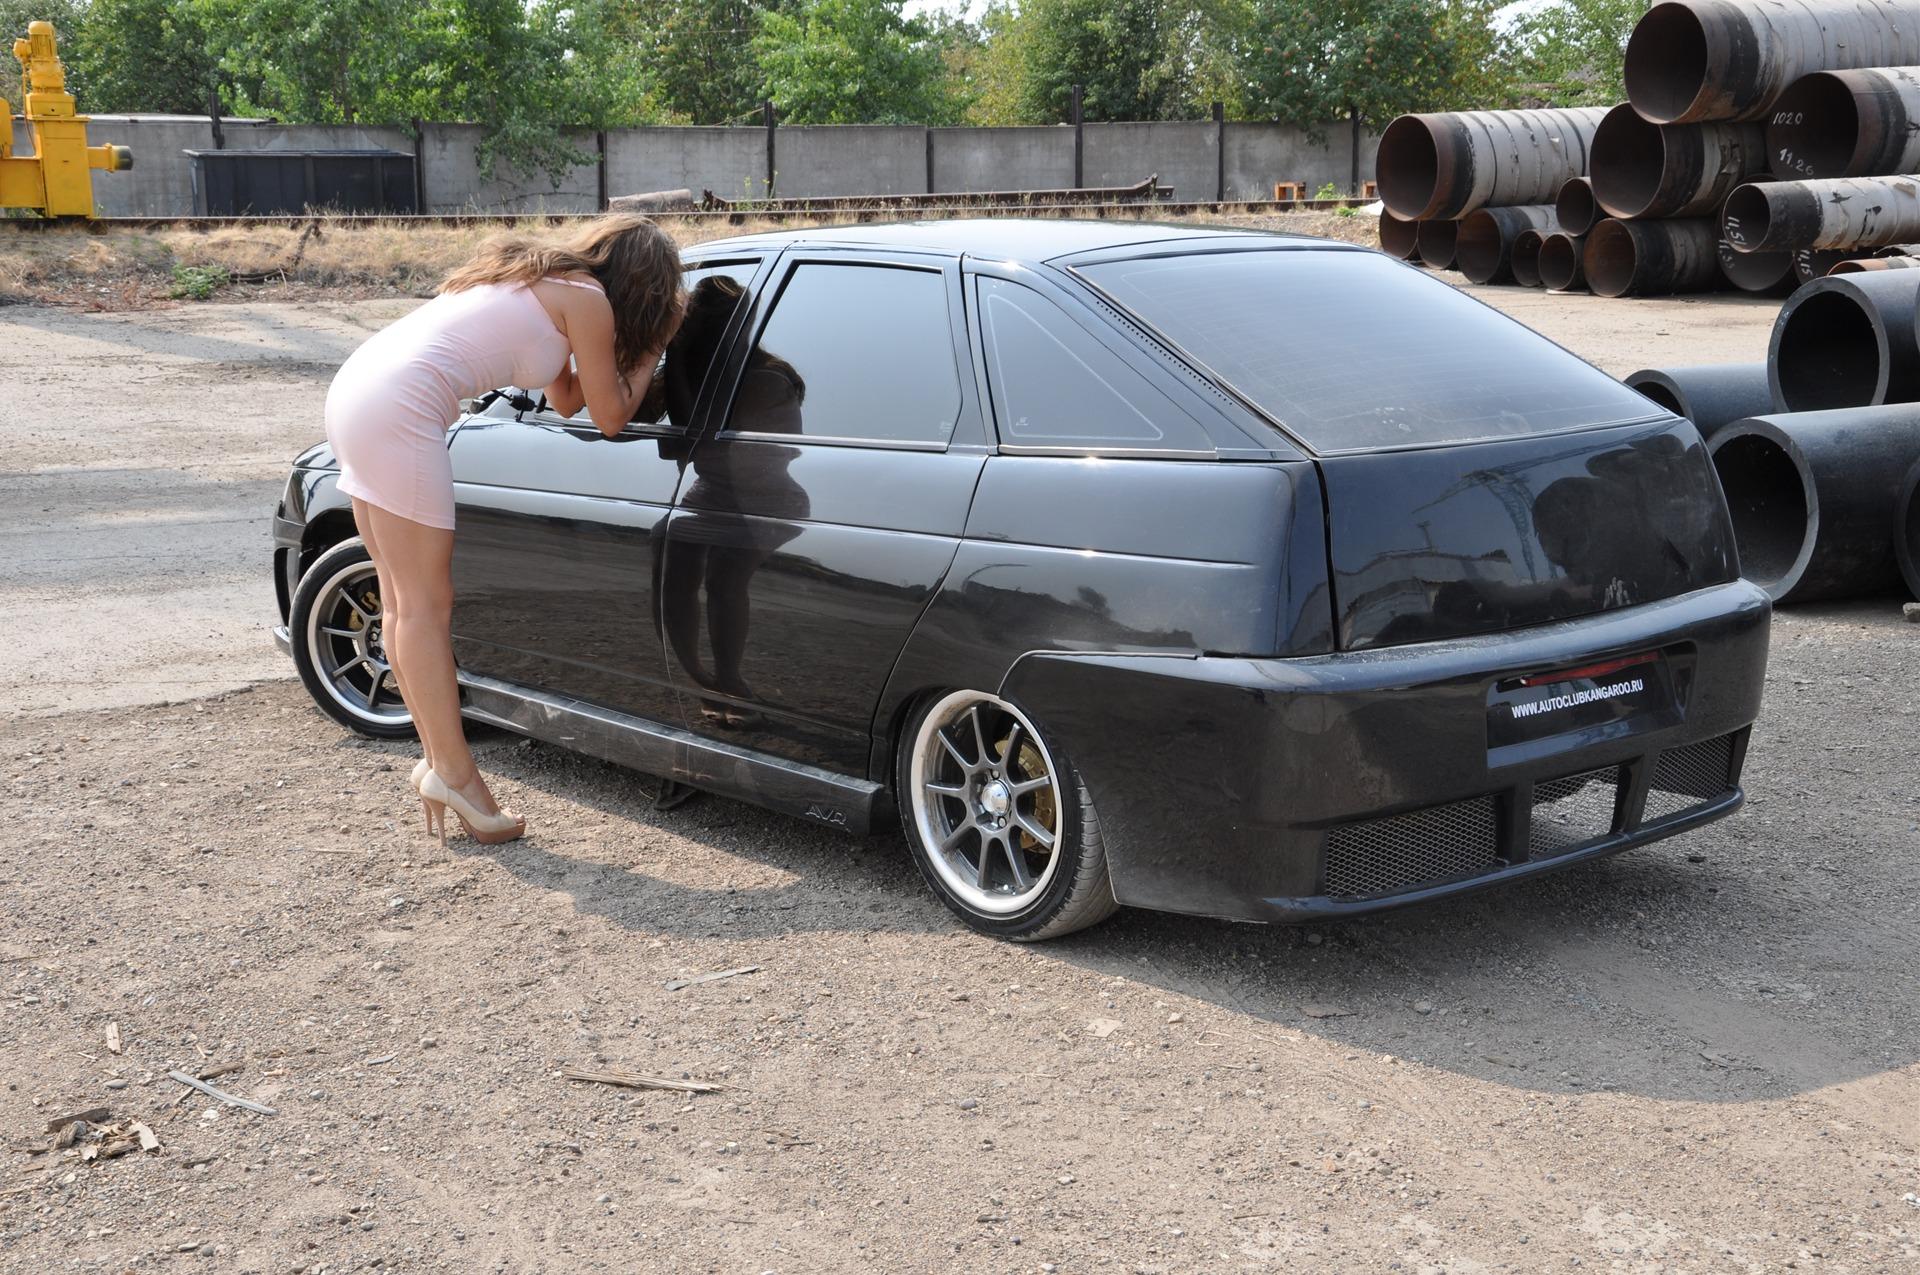 Смотреть бесплатно фото отечественных авто и девушки 21 фотография